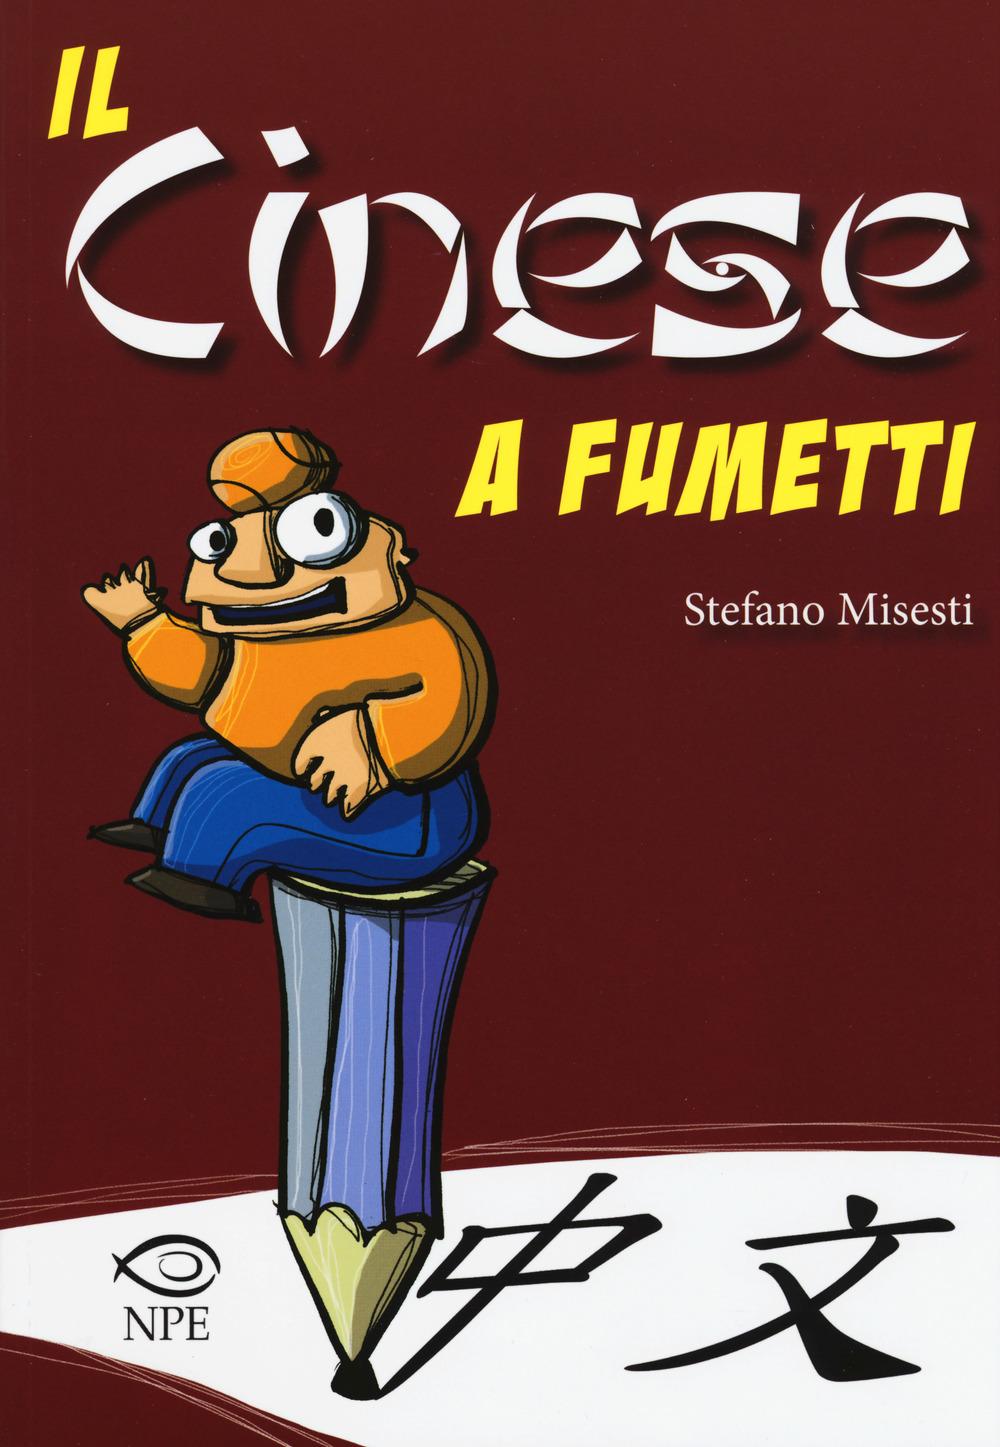 IL CINESE A FUMETTI - STEFANO MISESTI - 9788888893914